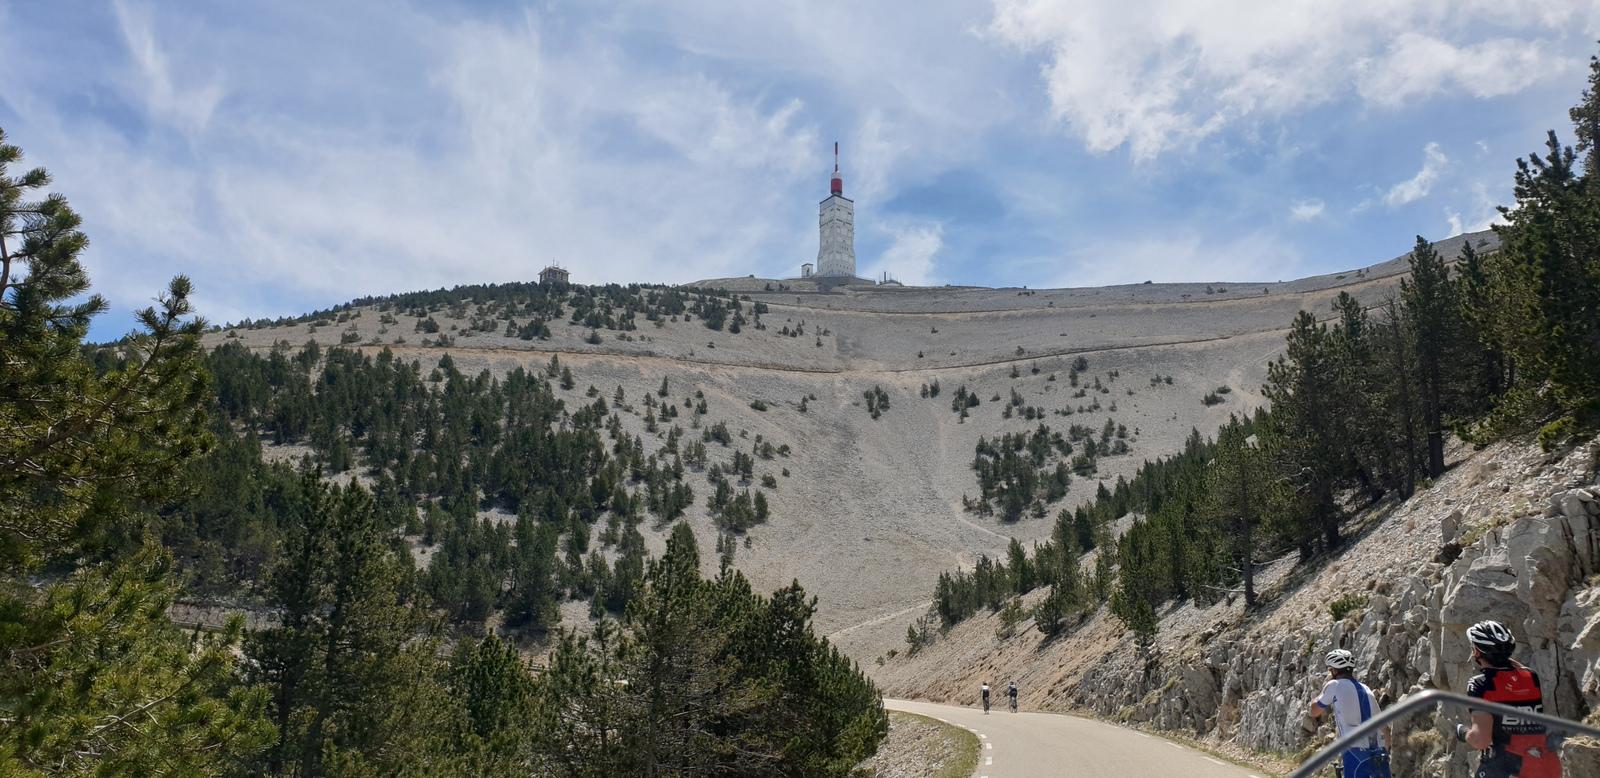 Objectif du jour : Le Mont Ventoux (ou presque)